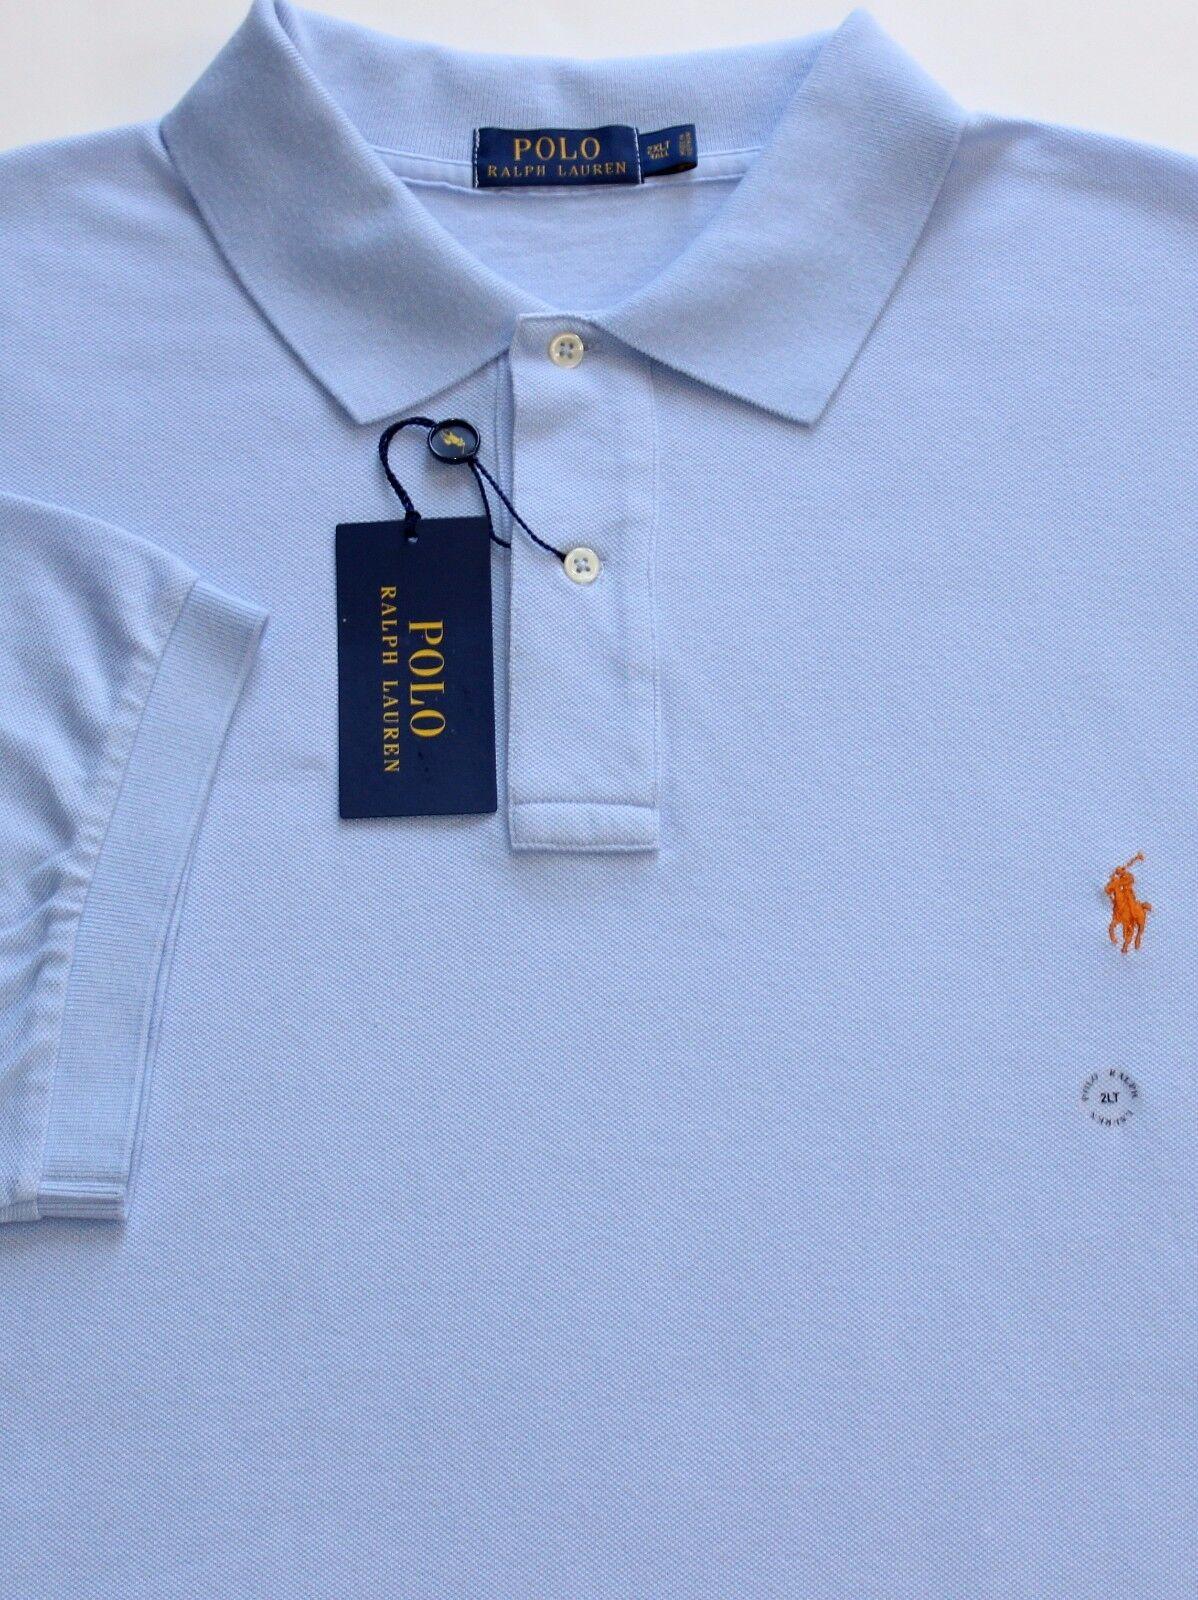 a1dcd035 New Polo Ralph Lauren Pebble bluee Cotton Mesh Polo BIG 3X ...